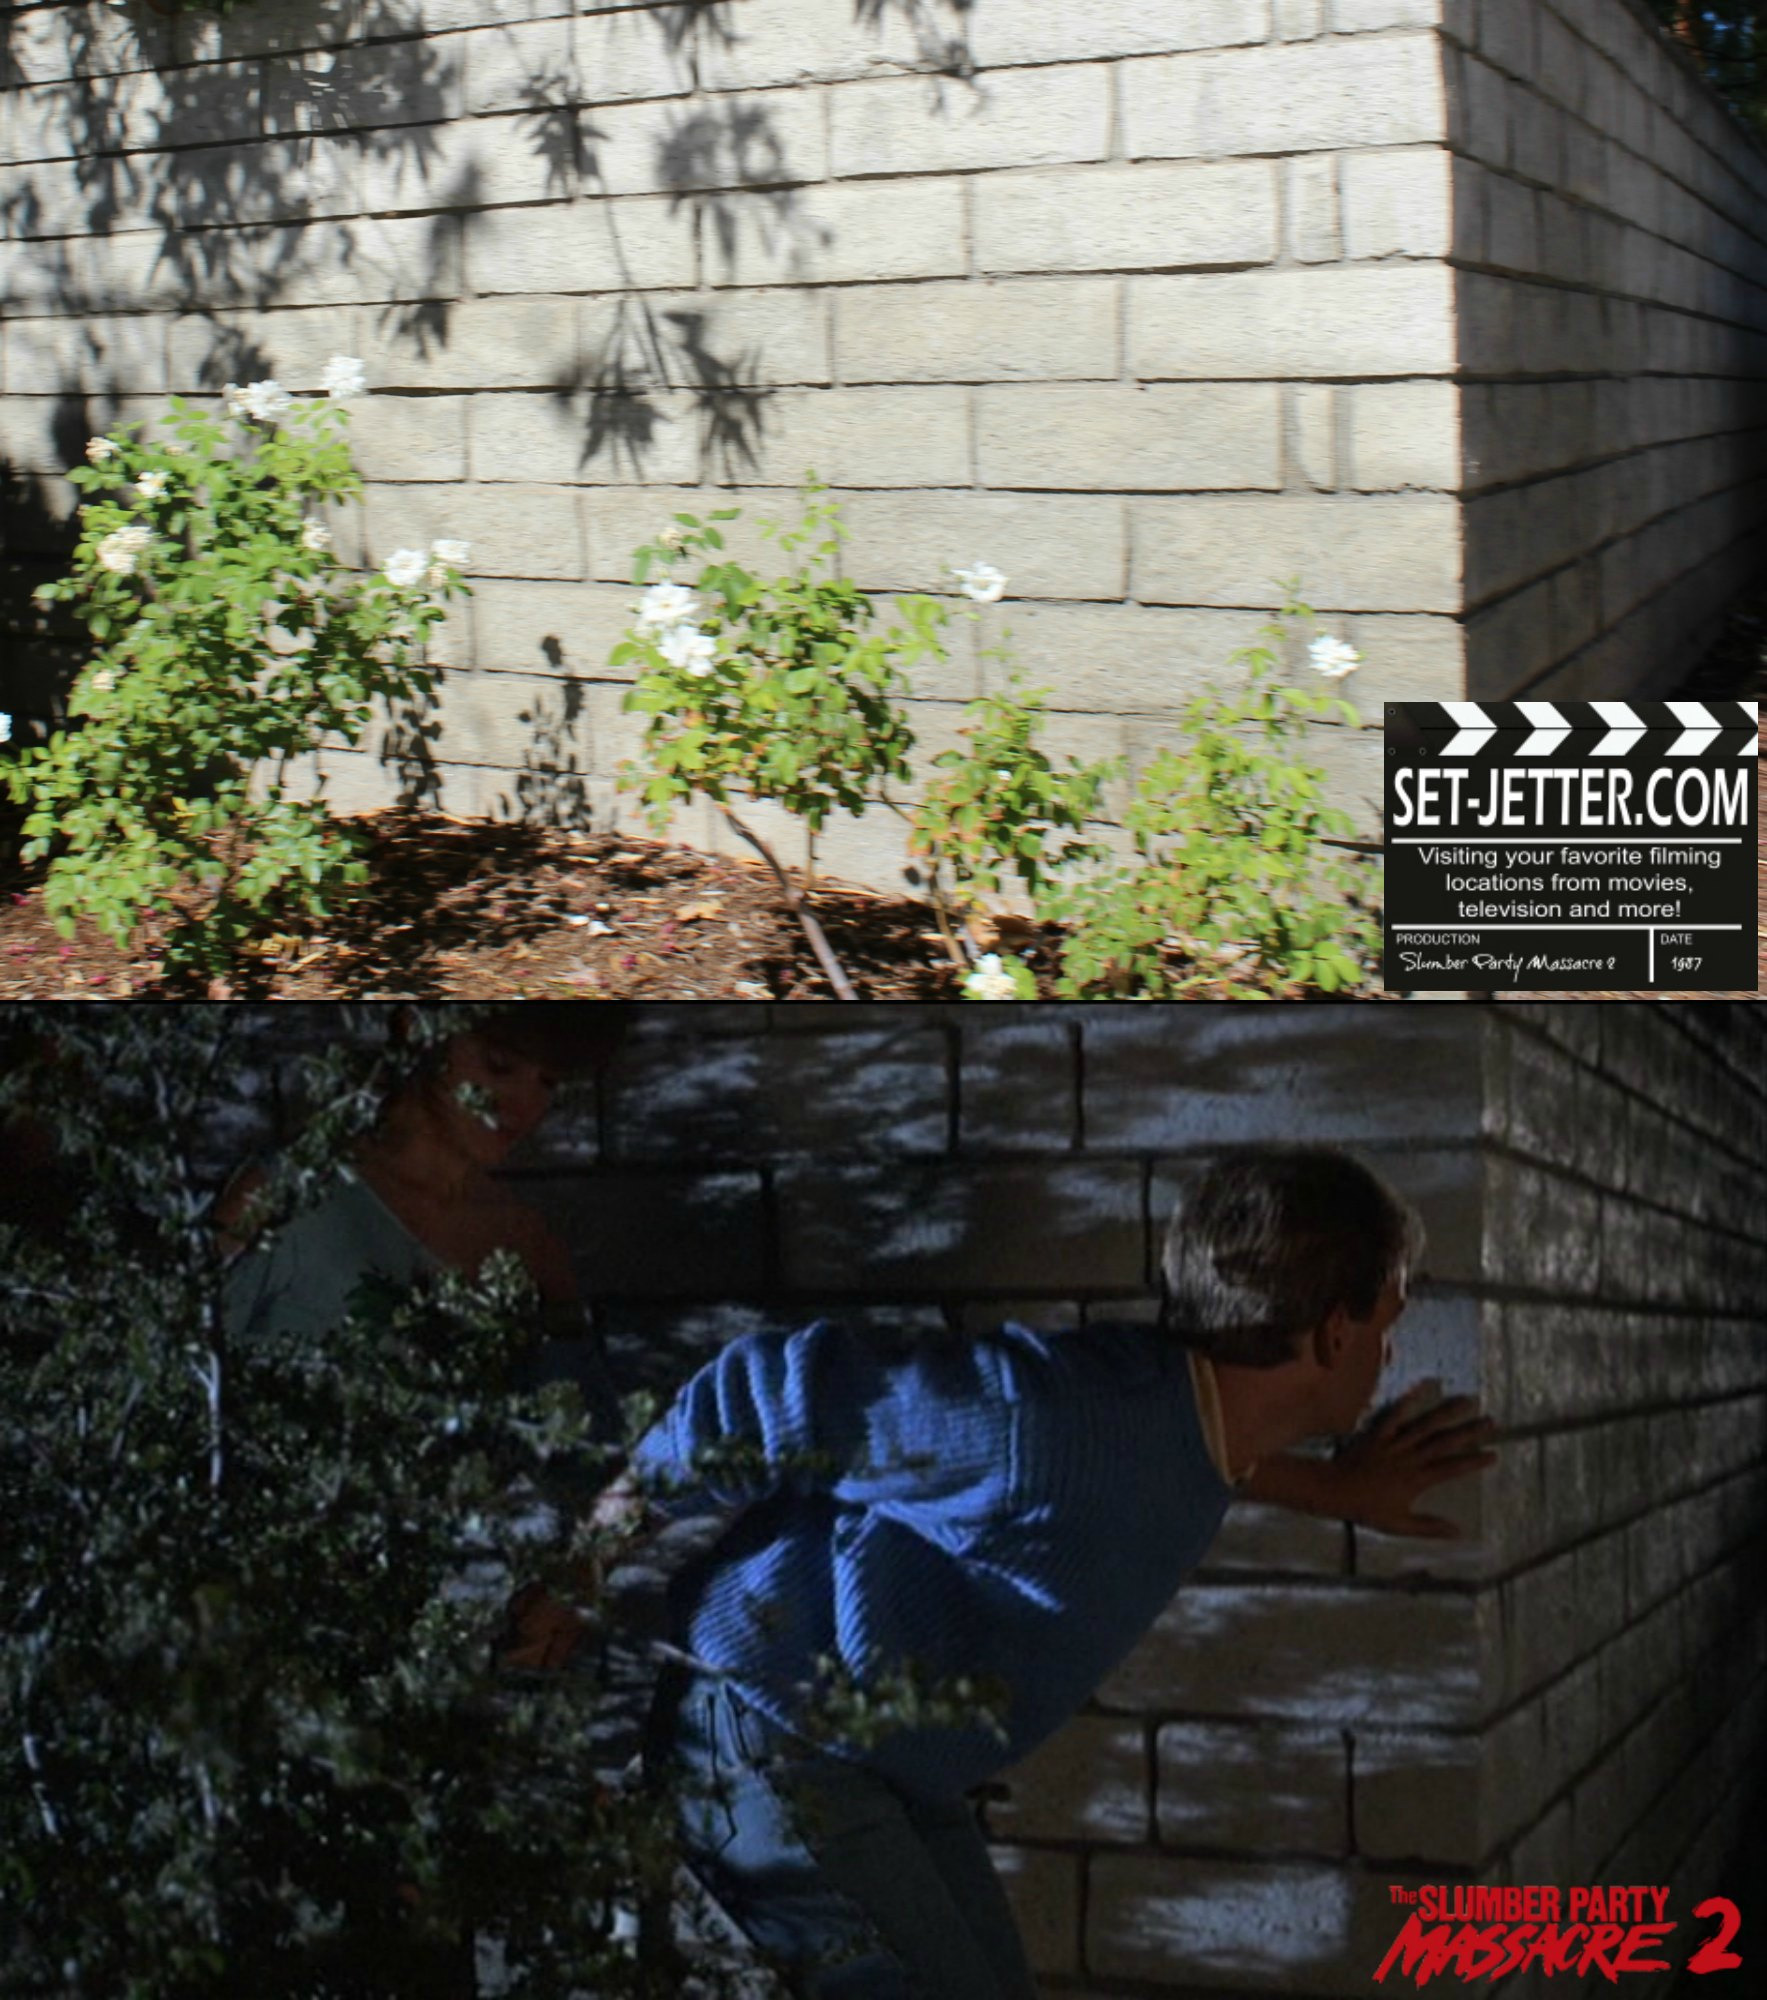 Slumber Party Massacre 2 comparison 55.jpg